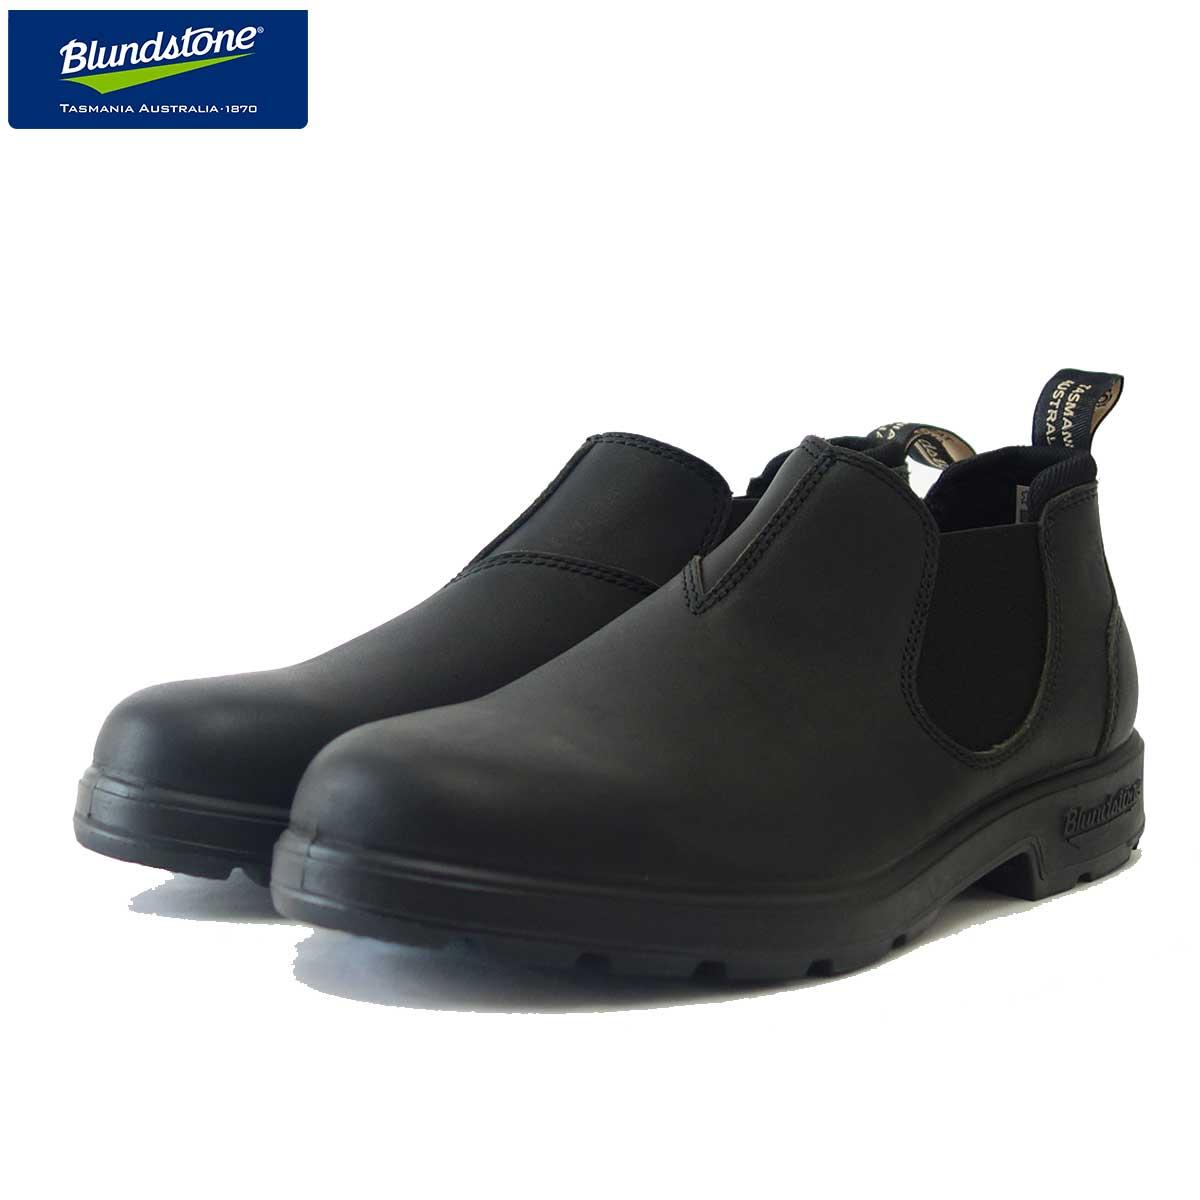 ブランドストーン Blundstone BS1611 089 (ユニセックス) ボルタンブラック 「靴」